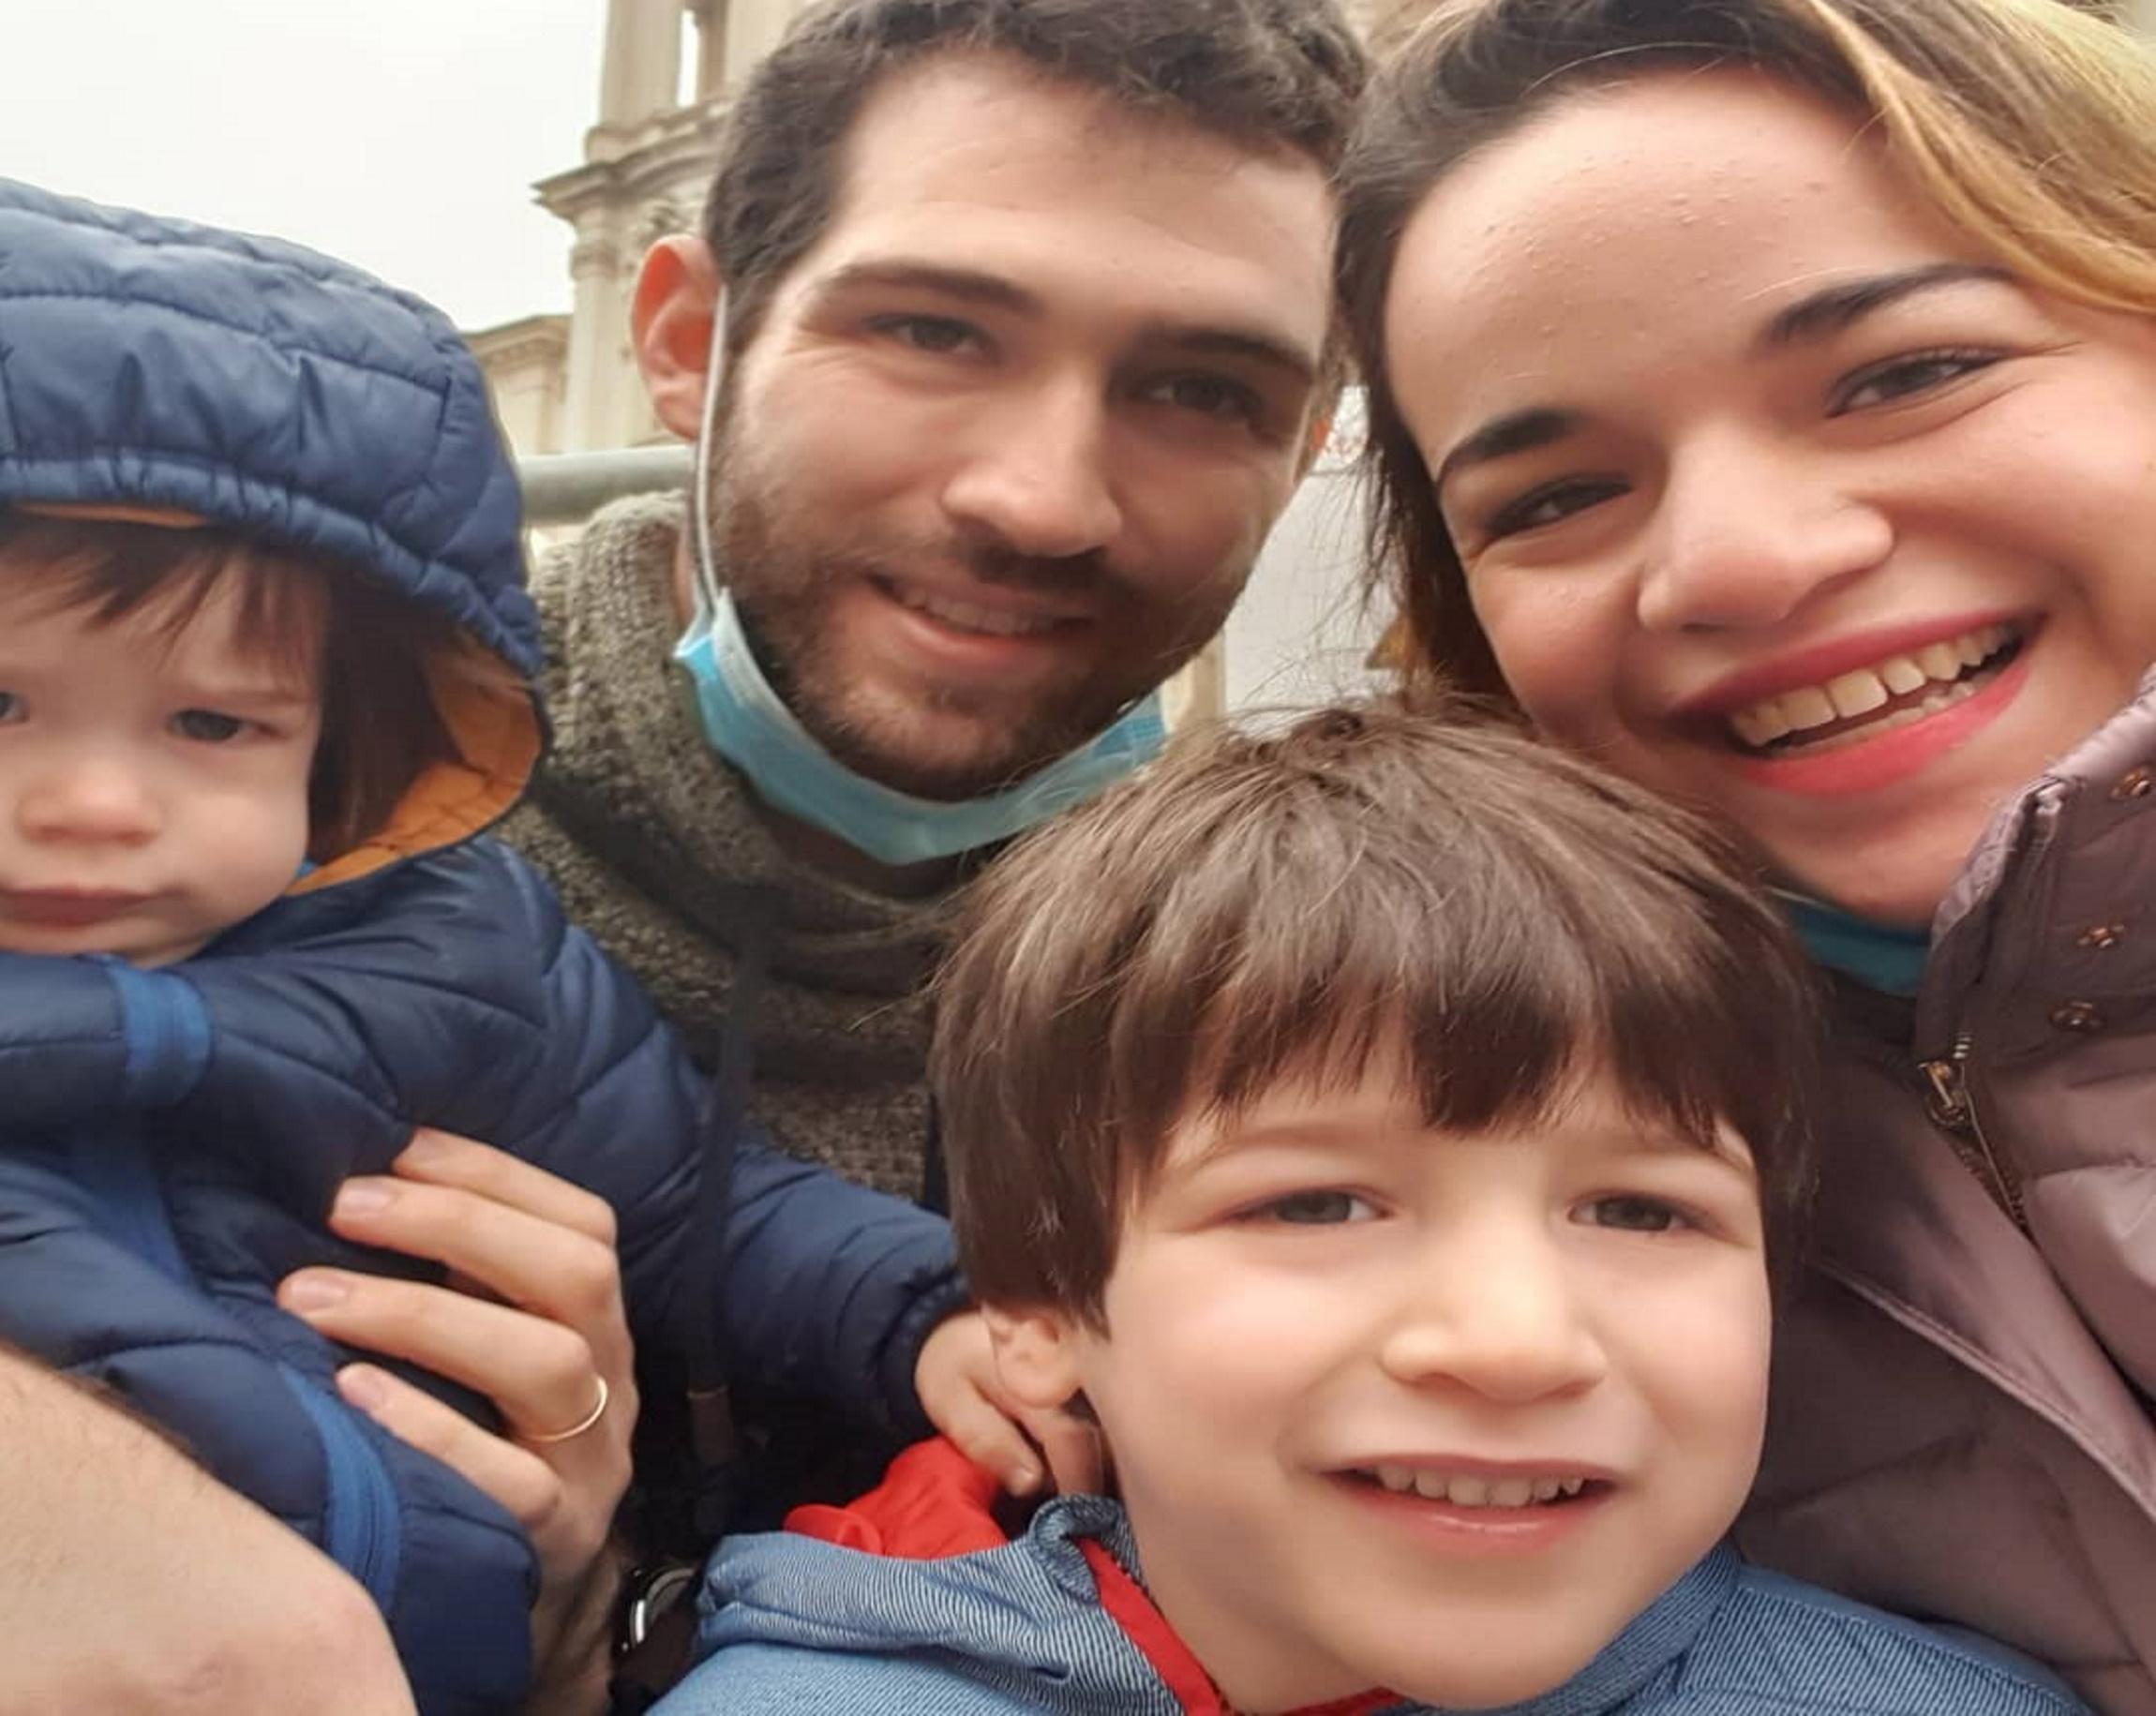 Ιταλία: Σοκάρουν τα πρώτα λόγια του 5χρονου Εϊτάν, του μοναδικού επιζώντα της τραγωδίας του τελεφερίκ (pics)